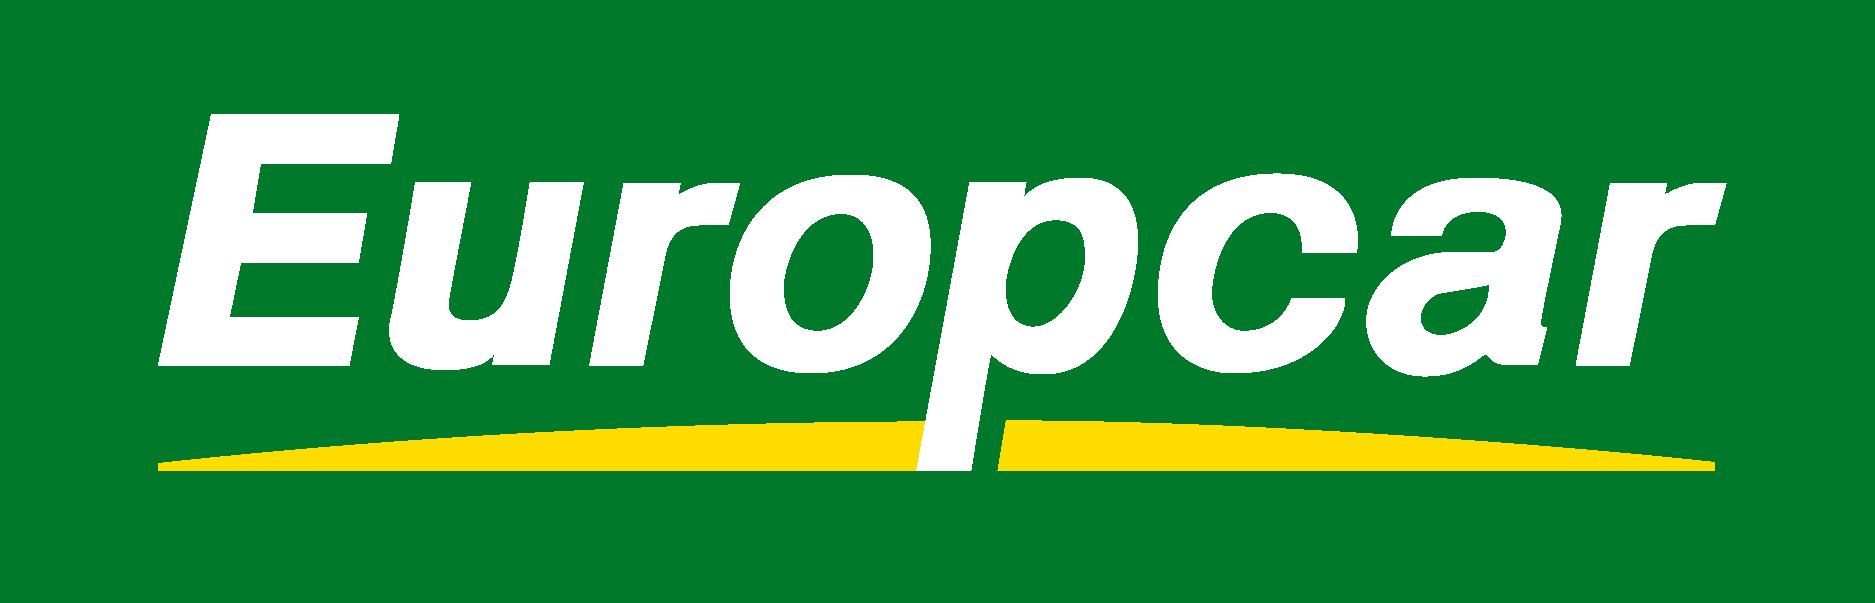 Europcar Logo Download Vector.